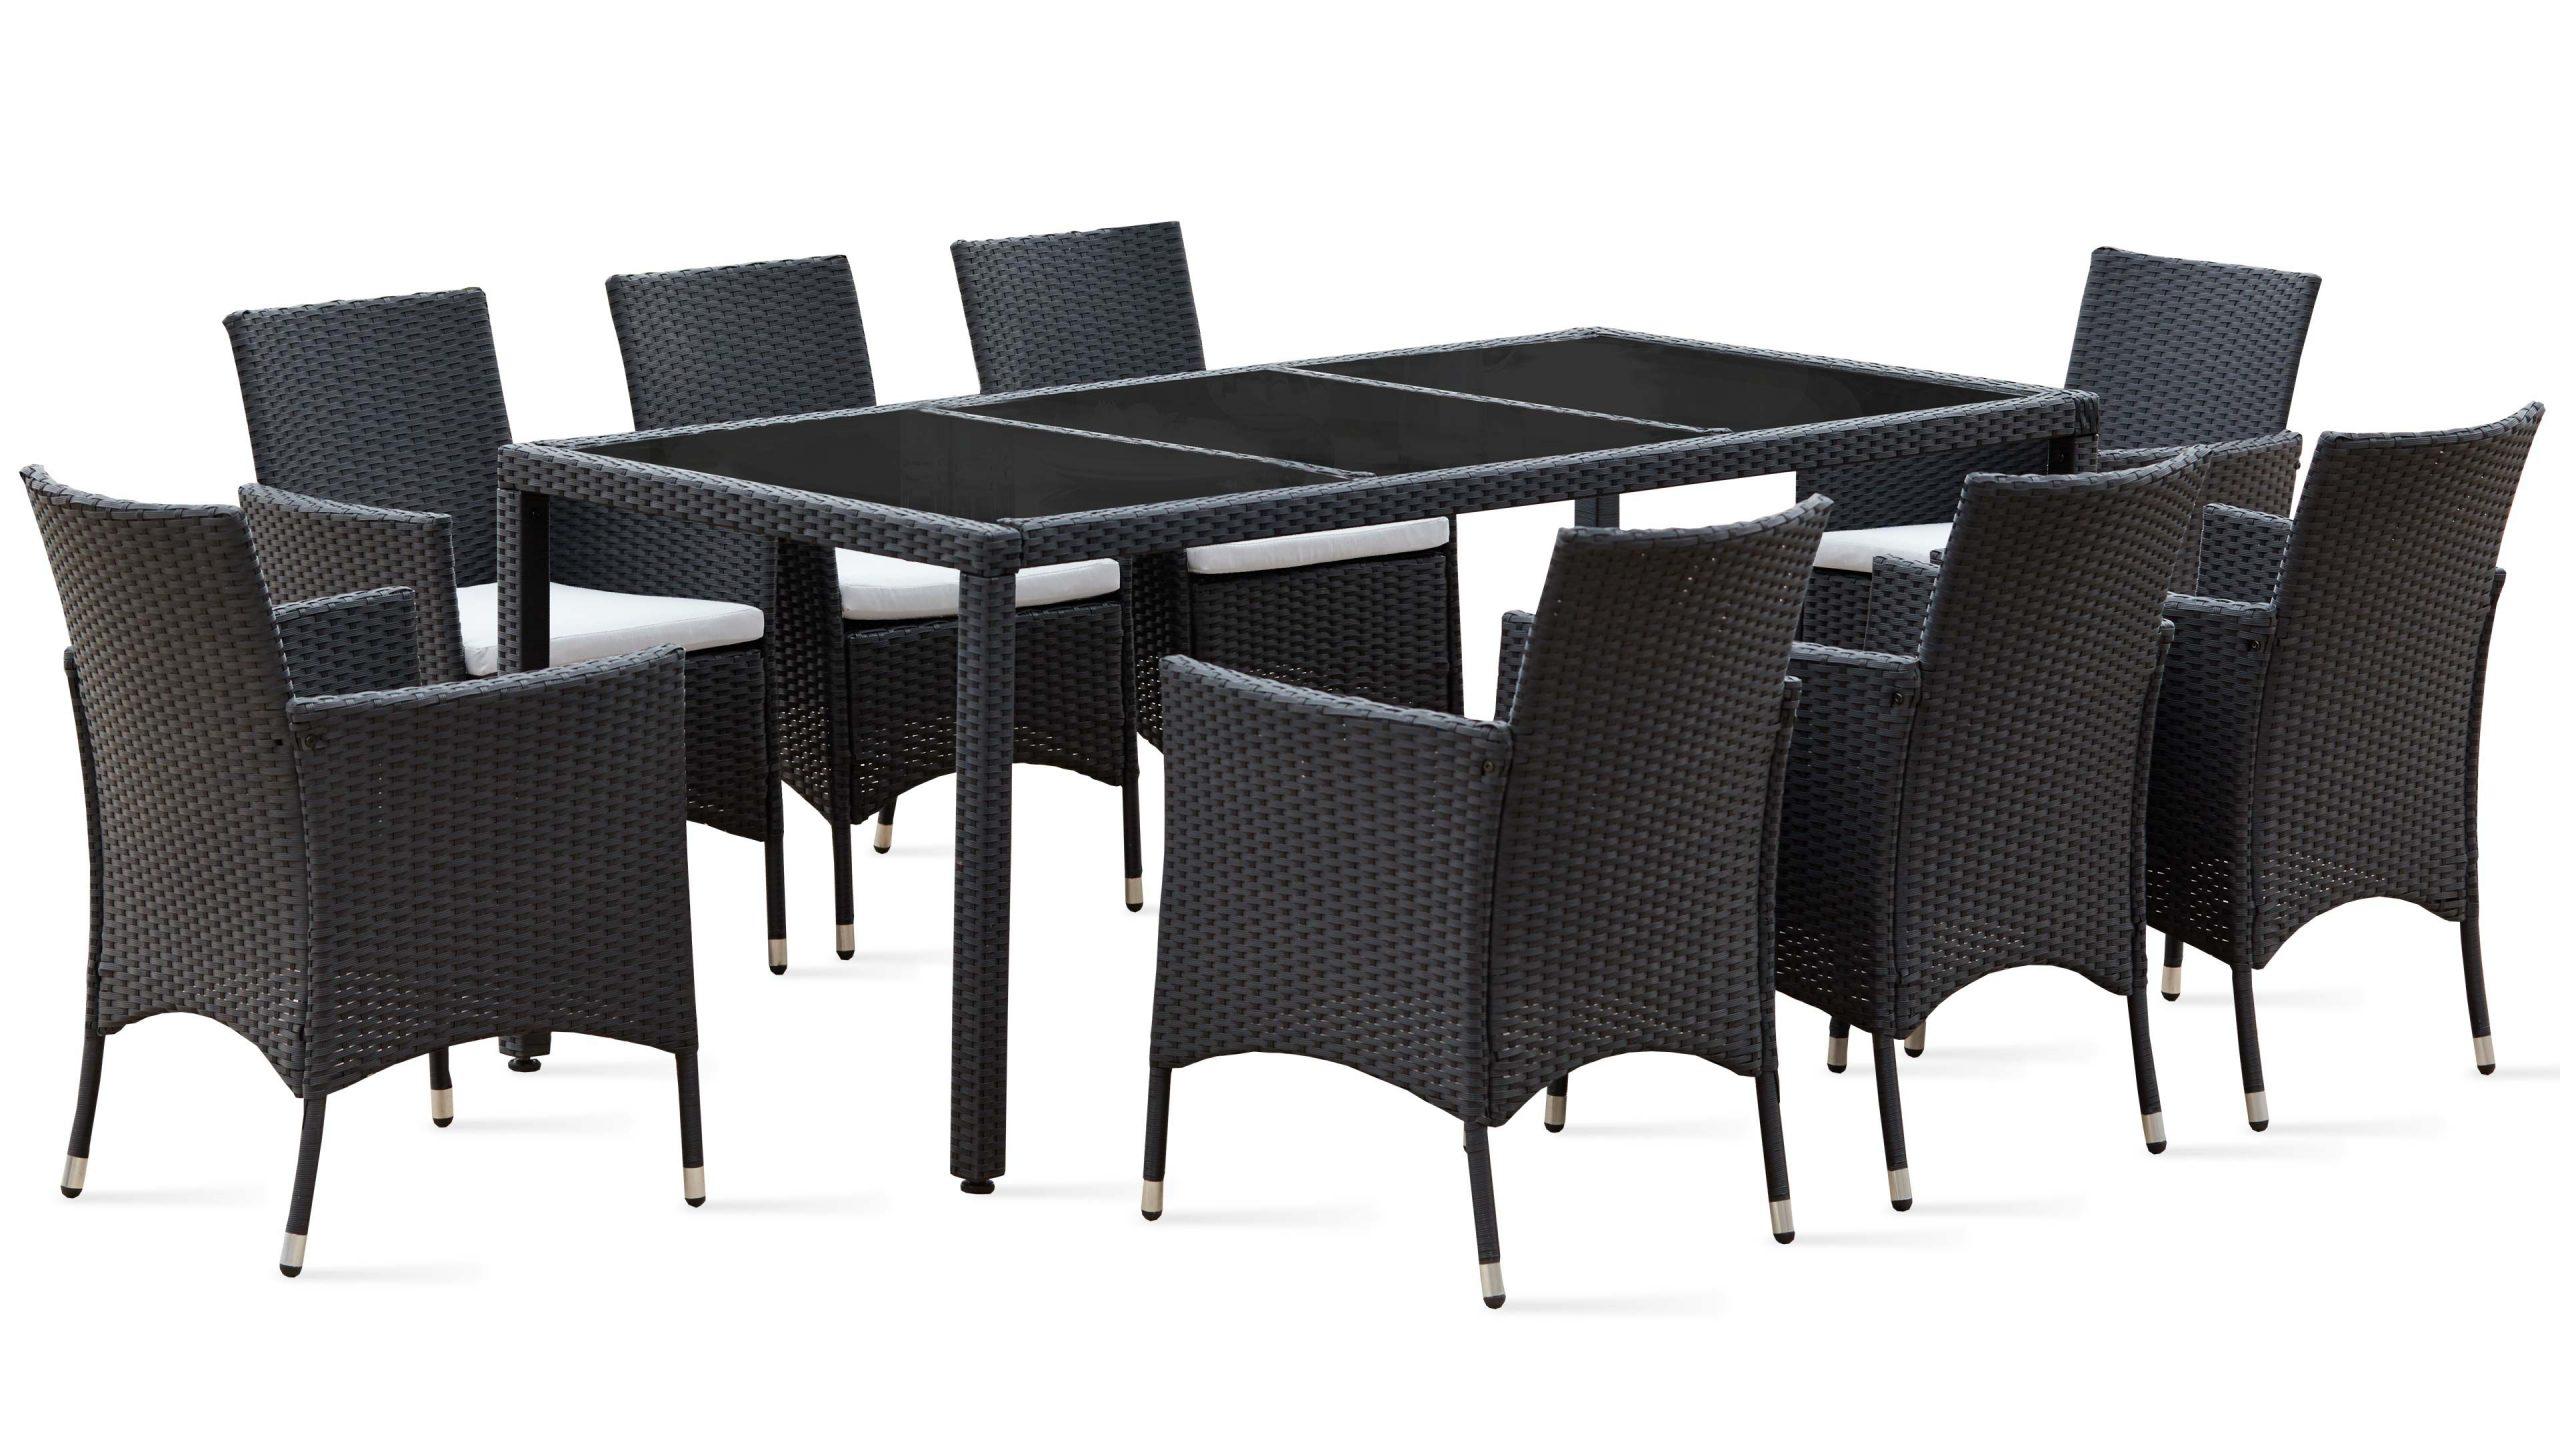 Salon De Jardin Table Résine Tressée 8 Fauteuils pour Ensemble Table Et Chaise De Jardin En Resine Pas Cher